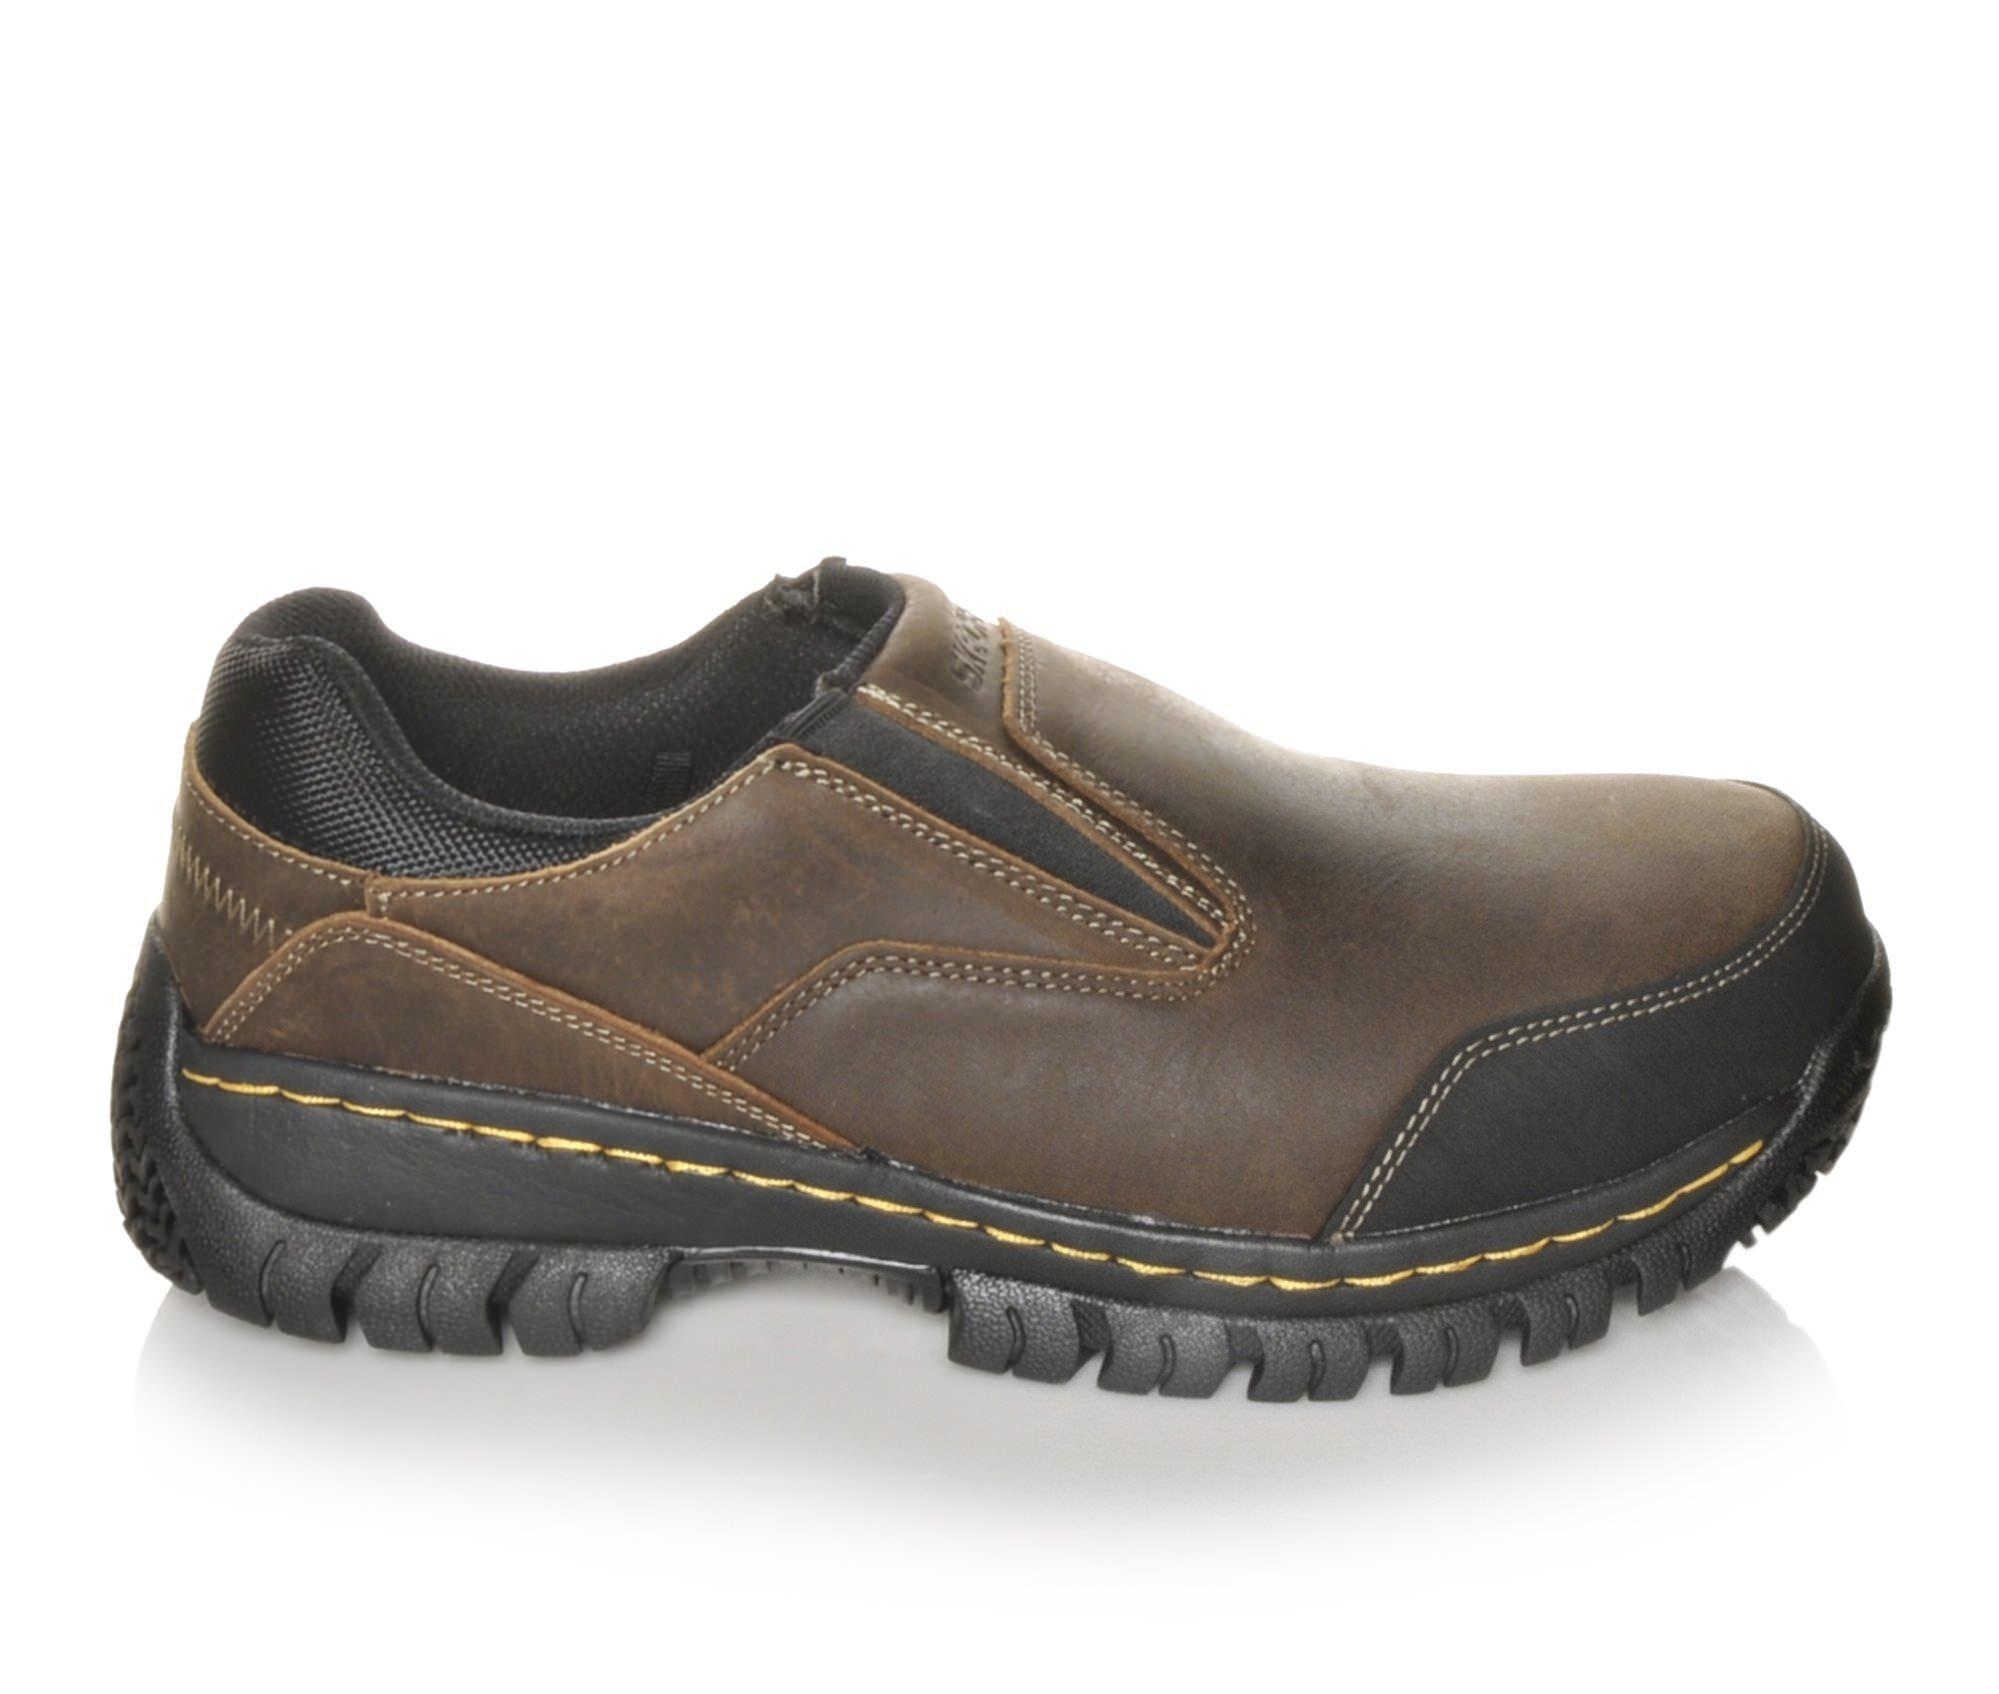 Best Selling Men's Skechers Work 77066 Hartan Steel Toe Work Shoes Dark Brown